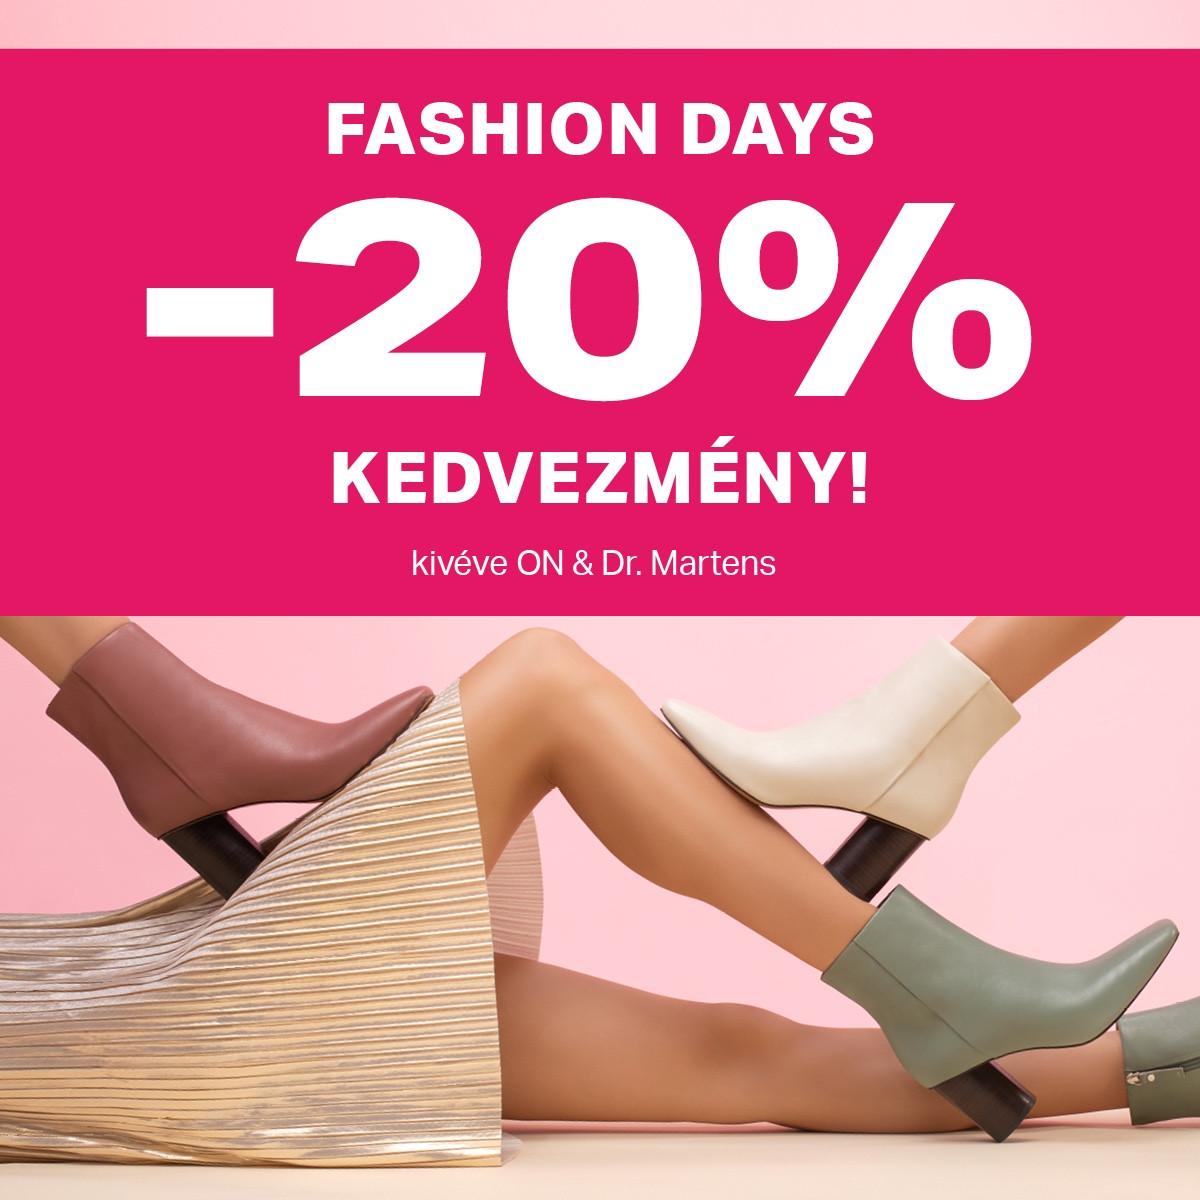 Fashion Days ❗ 20% kedvezmény mindenre* 👀